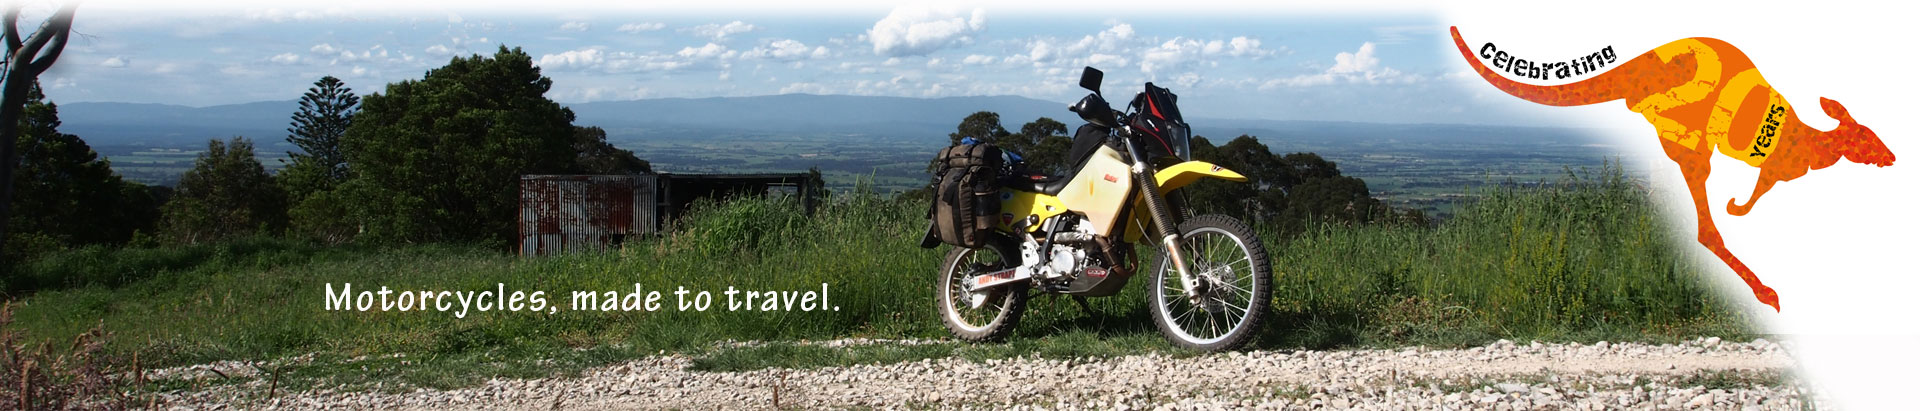 banner-gippsland-travel.jpg